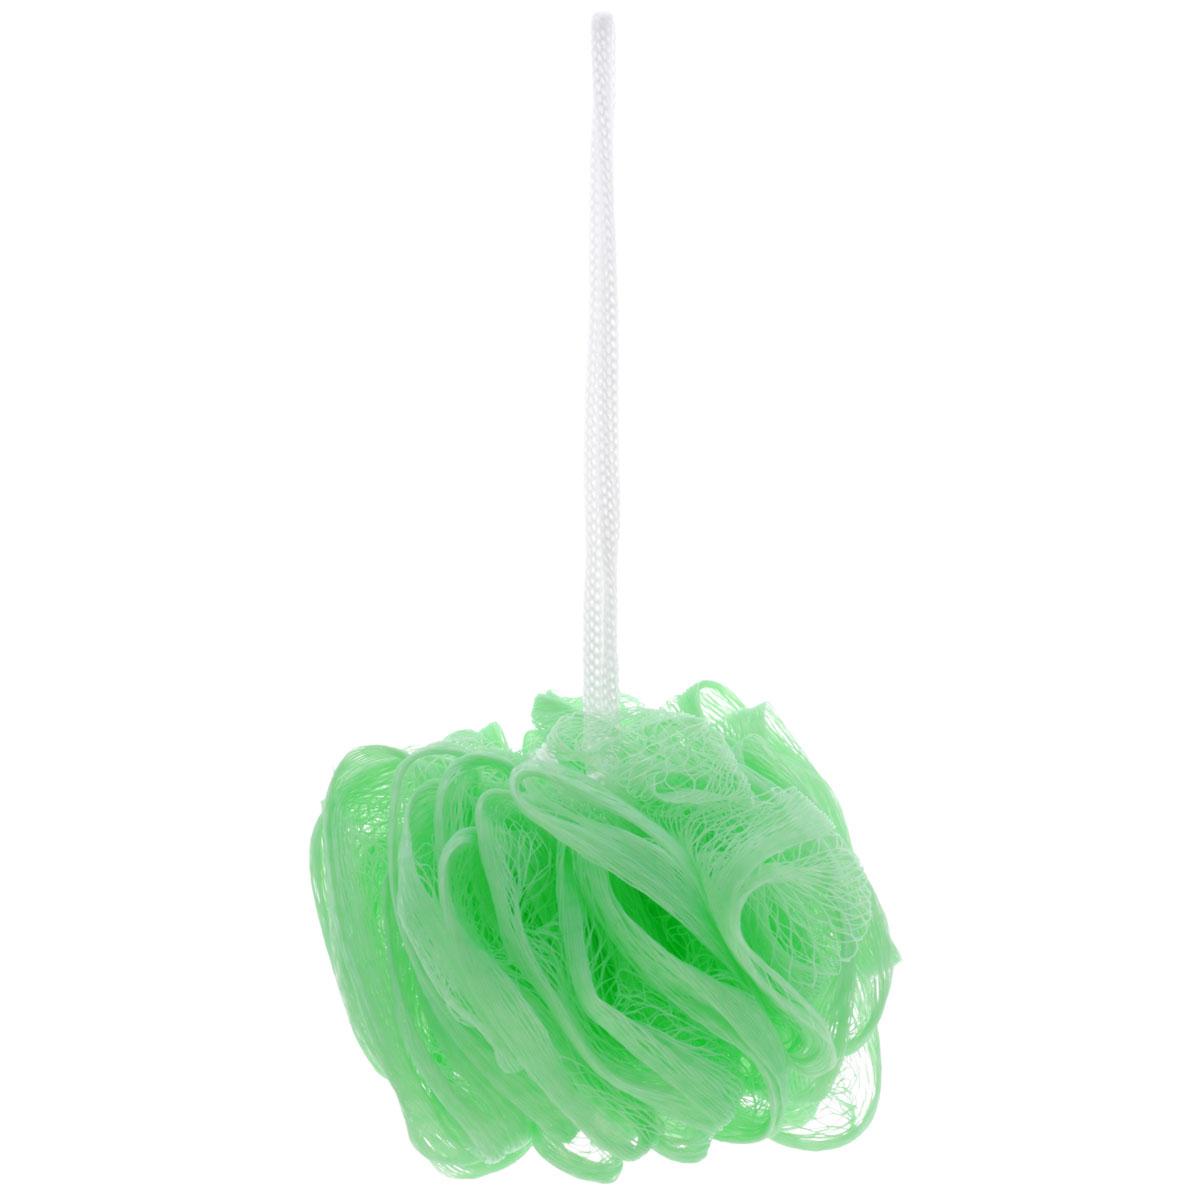 Мочалка The Body Time, цвет: светло-зеленый28032022Мочалка The Body Time, выполненная из нейлона, предназначена для мягкого очищения кожи. Она станет незаменимым аксессуаром ванной комнаты. Мочалка отлично пенится, обладает легким массажным воздействием, идеально подходит для нежной и чувствительной кожи. На мочалке имеется удобная петля для подвешивания. Диаметр: 10 см.